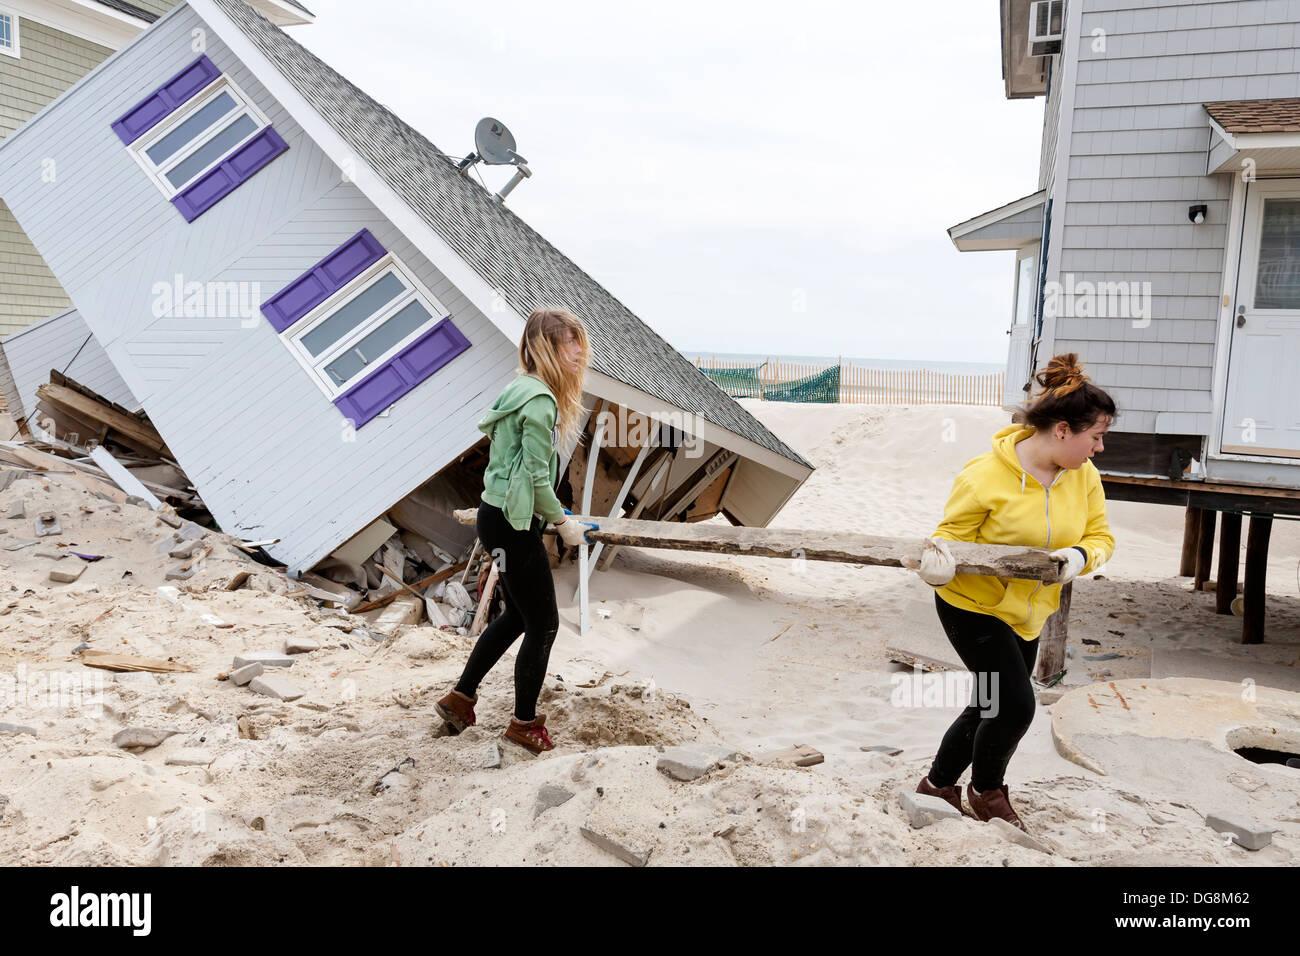 Freiwillige Aufräumen nach einem Hurrikan ein Haus zerstört. Ein Orkan hinterlässt eine Schneise der Verwüstung Häuser zerstört. Stockbild